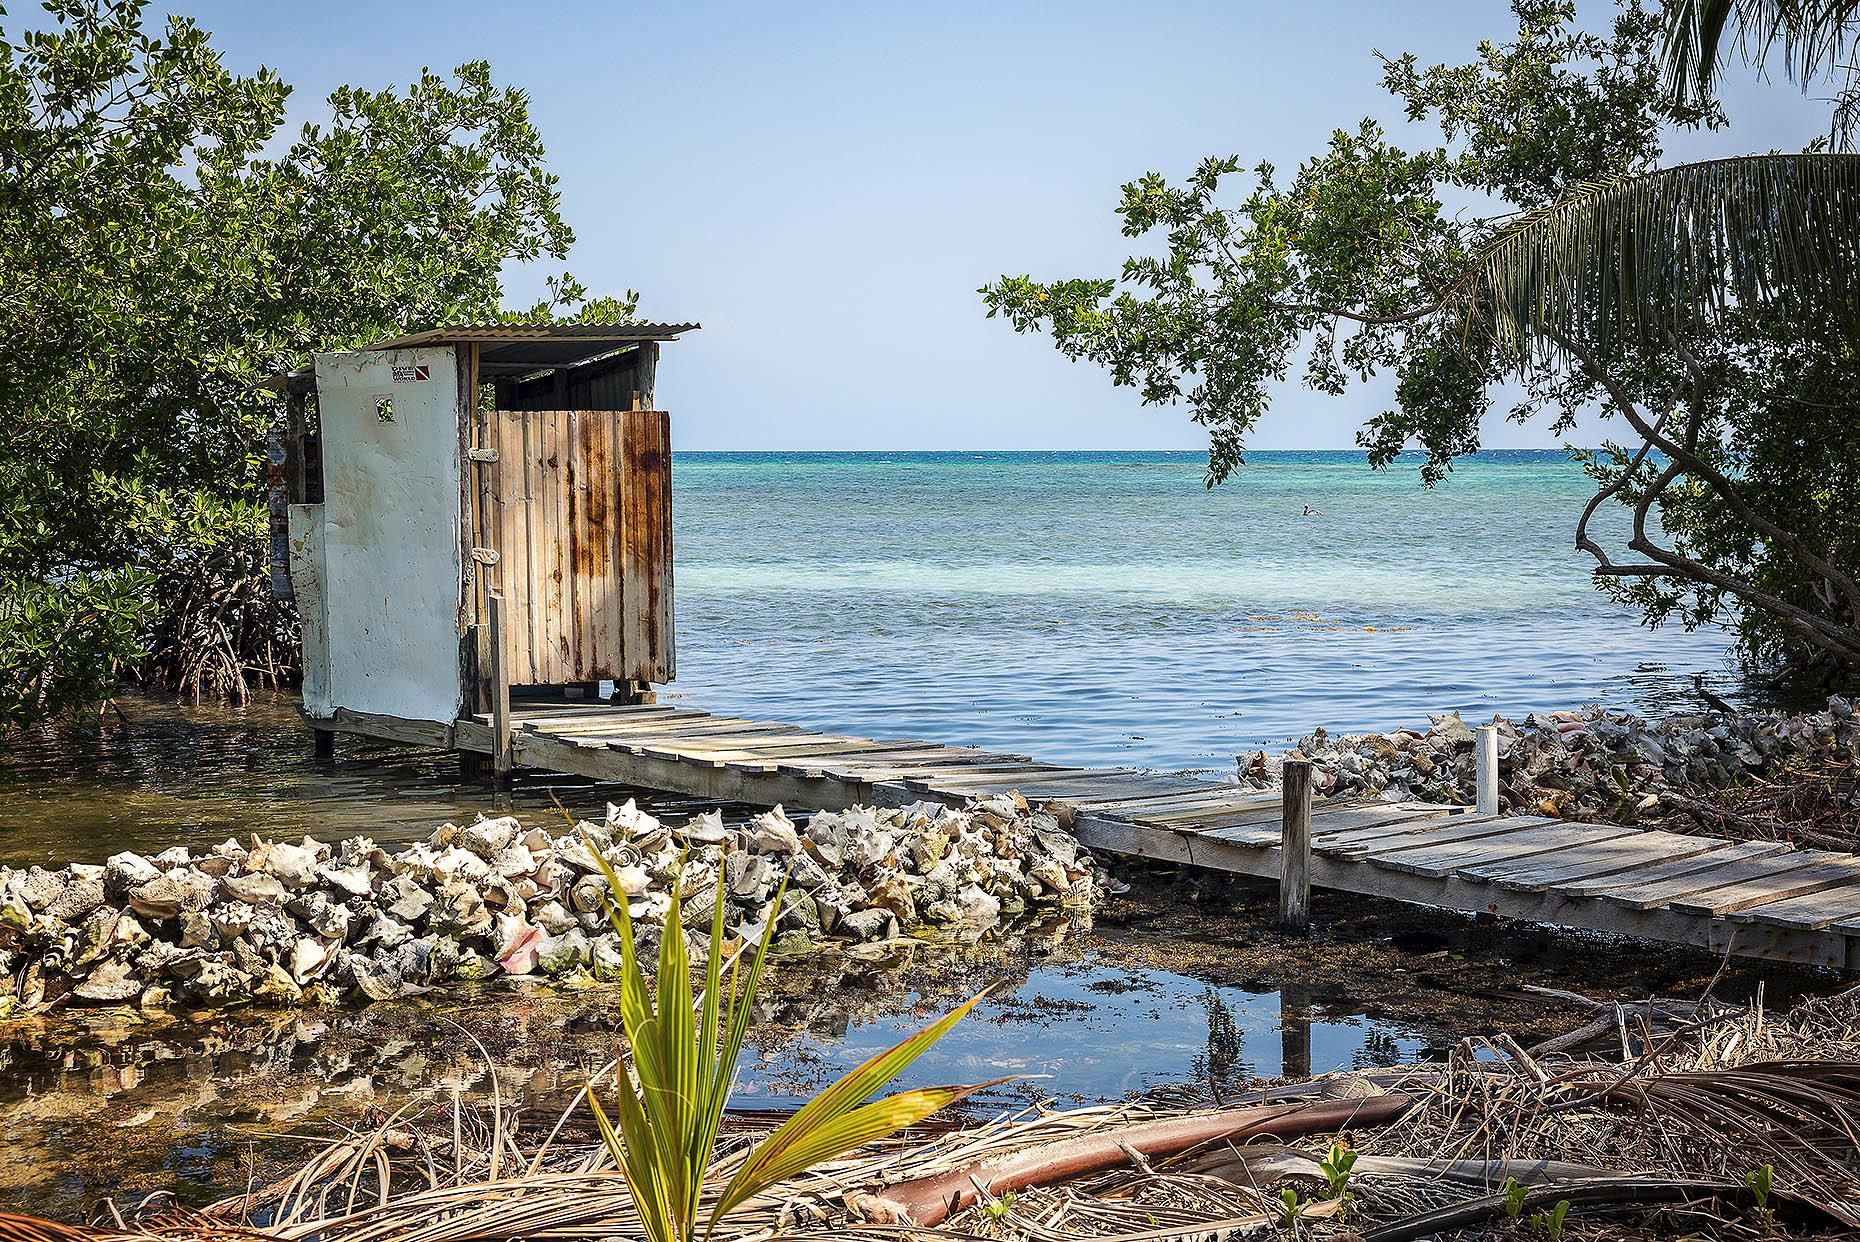 Belize_Belize_Placencia_FishermansIsland_01.2.jpg